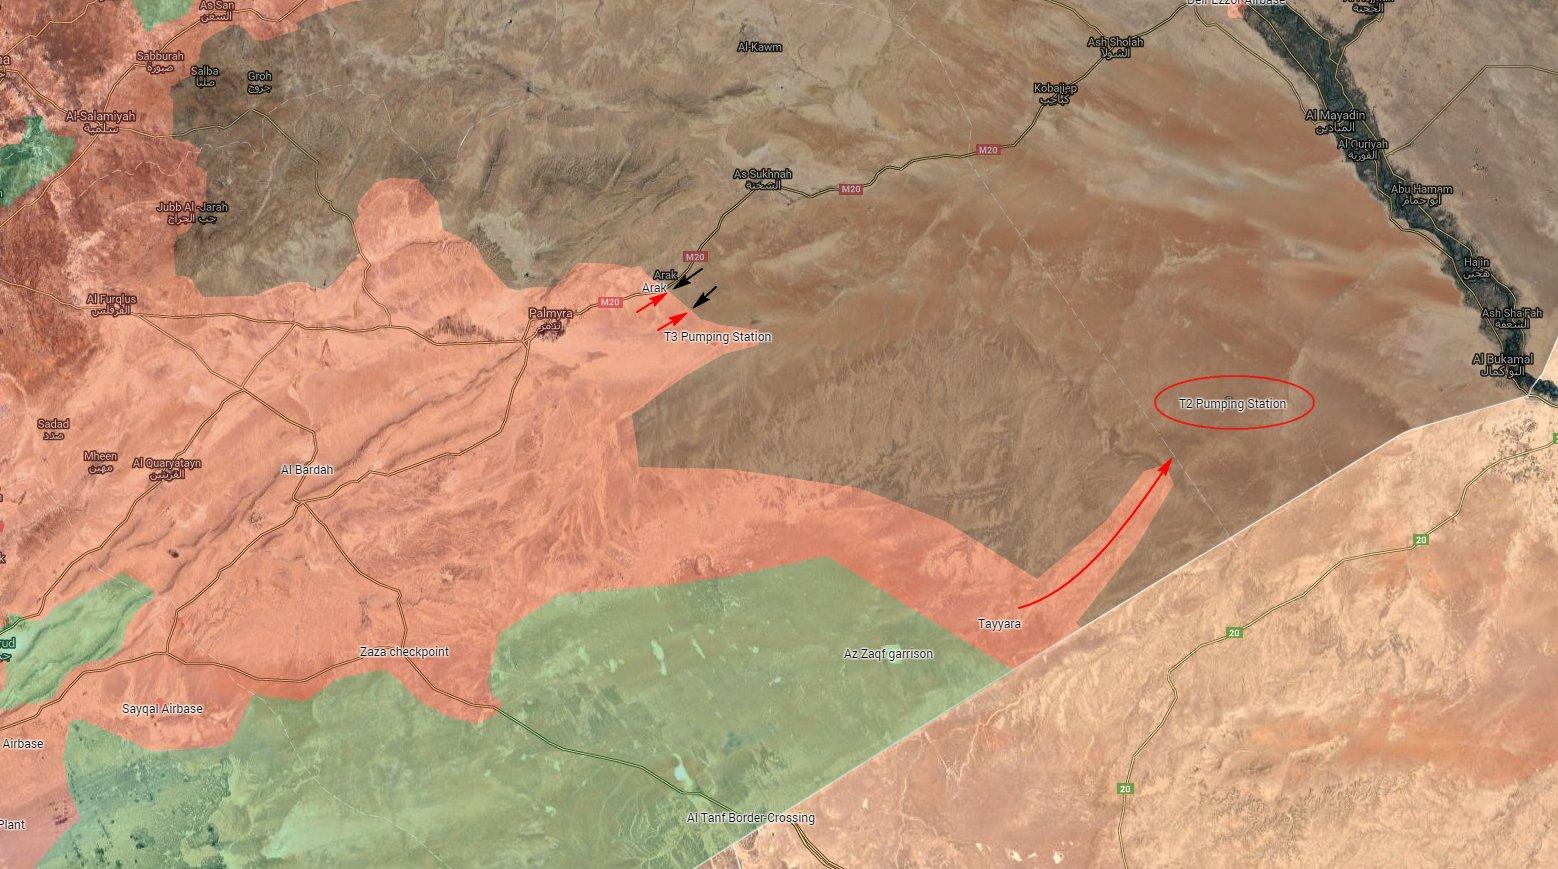 El Senado de Rusia autoriza el uso de las Fuerzas Aéreas en Siria - Página 2 DDAQpLVW0AER0ph